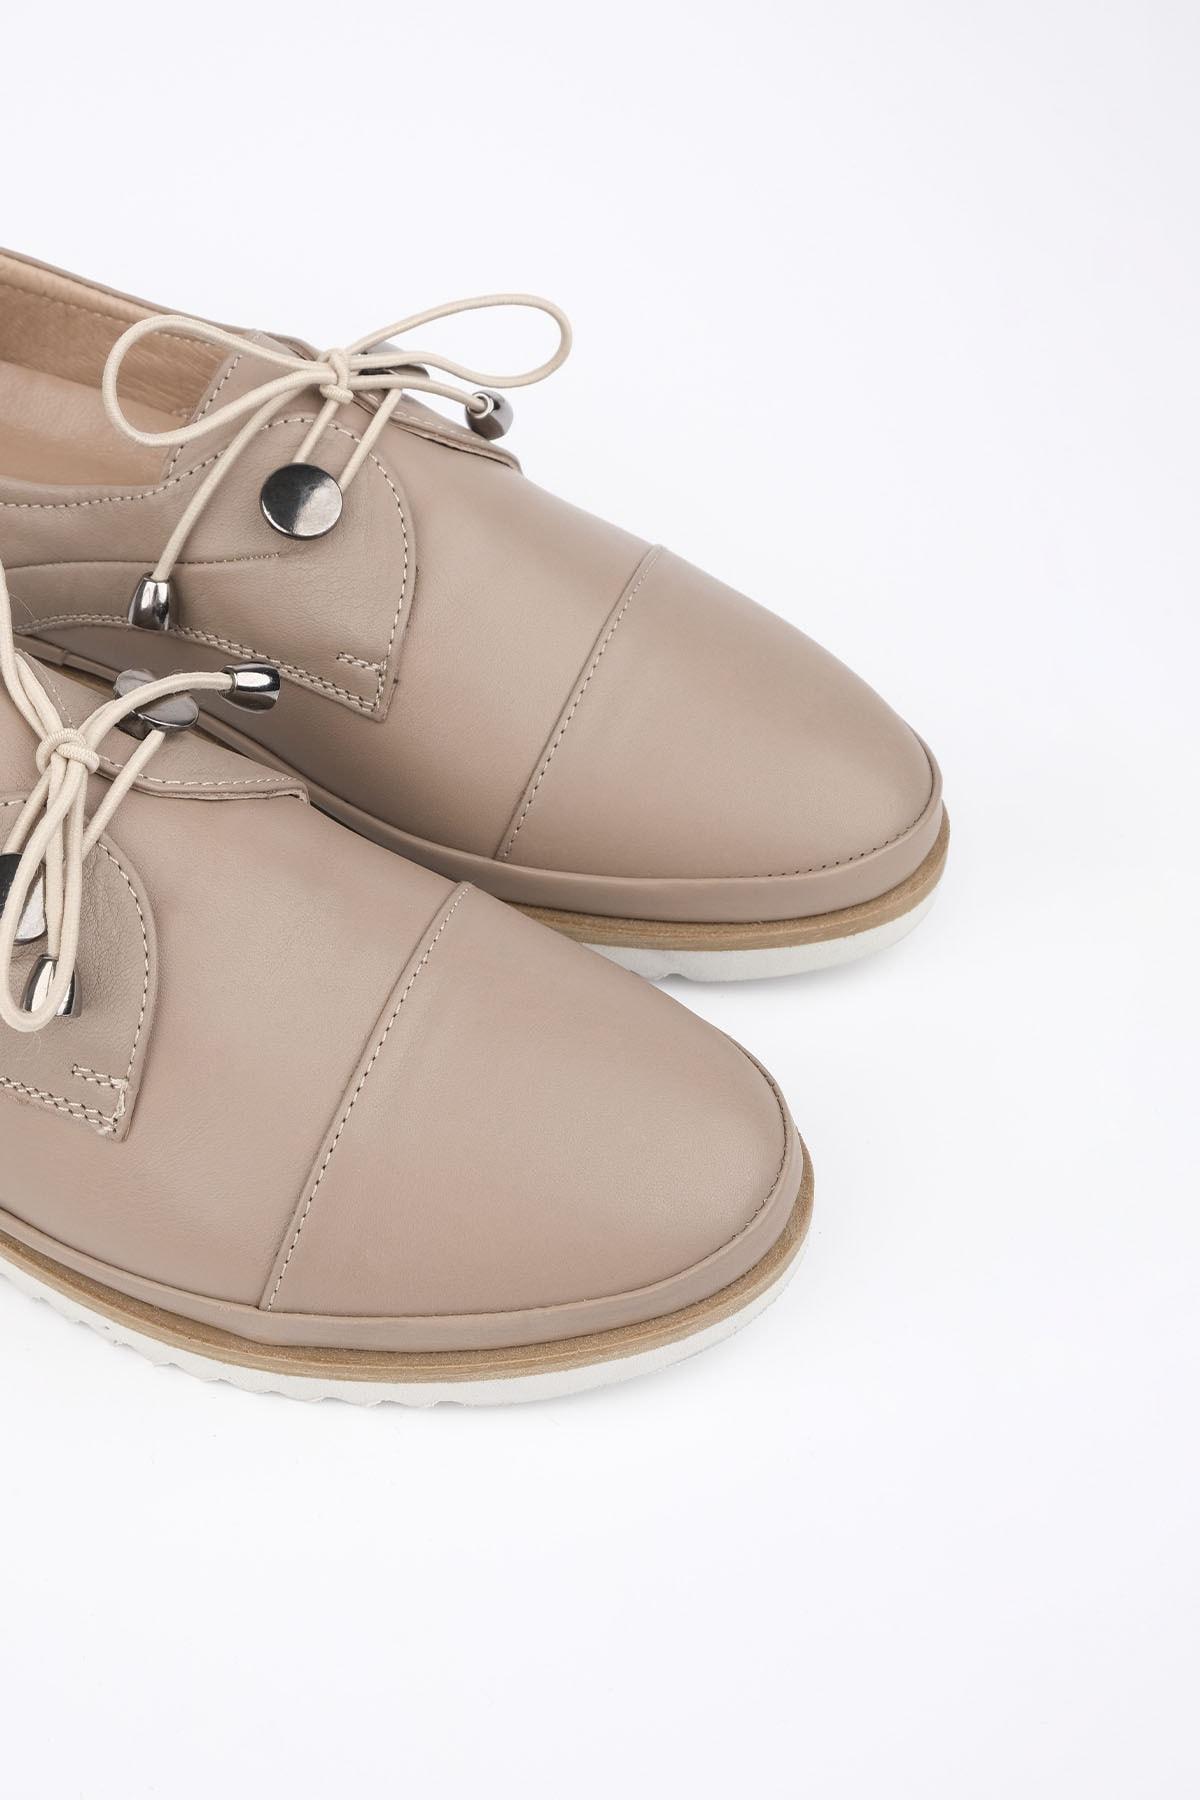 Marjin Demas Kadın Hakiki Deri Comfort AyakkabıVizon 3